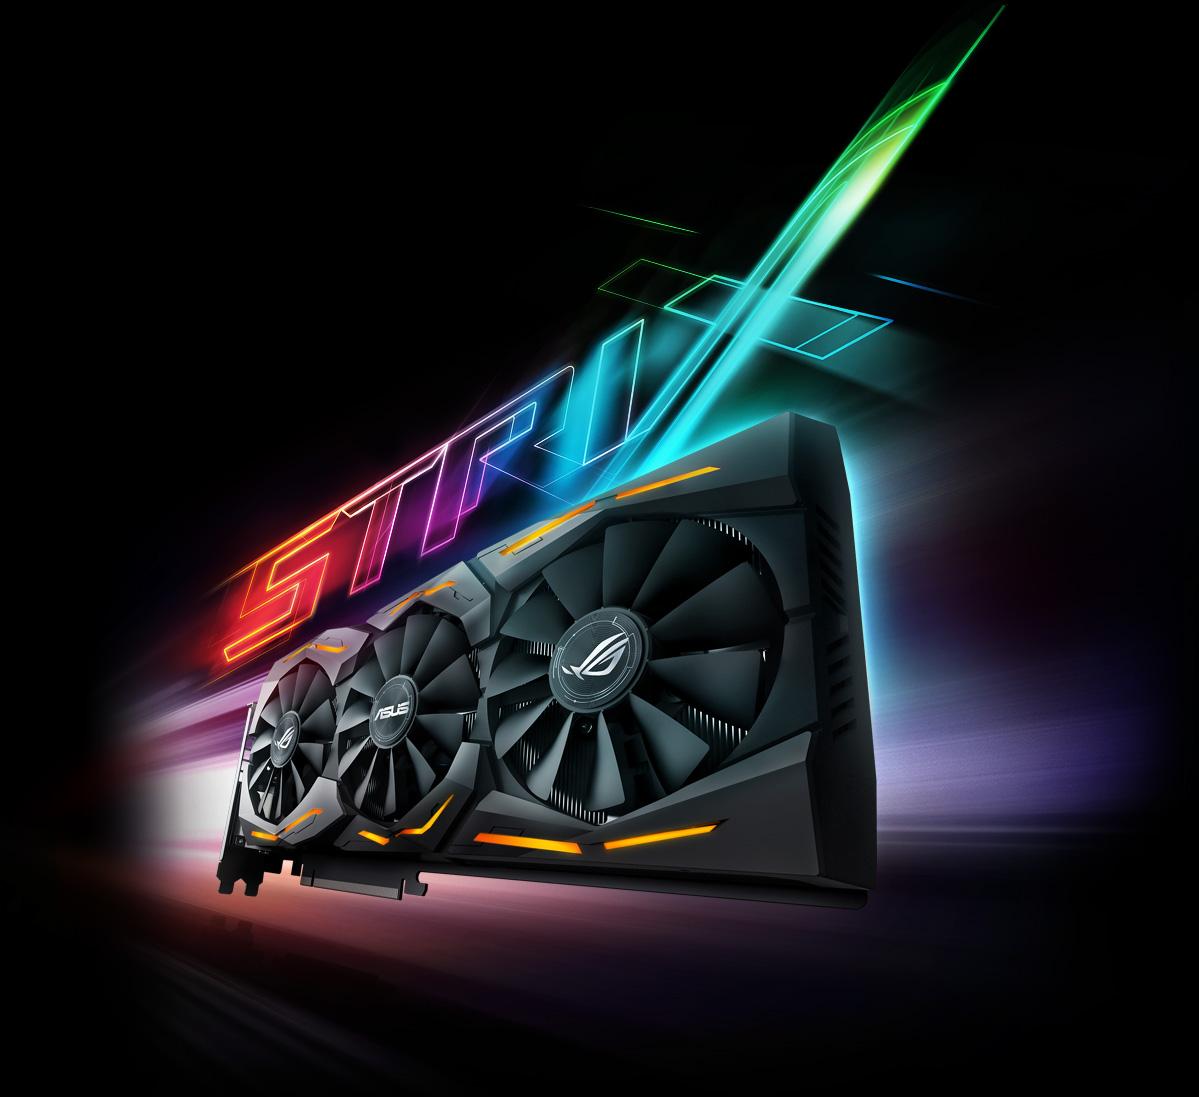 Asus Strix Gaming Geforce GTX-1080Ti 11GB